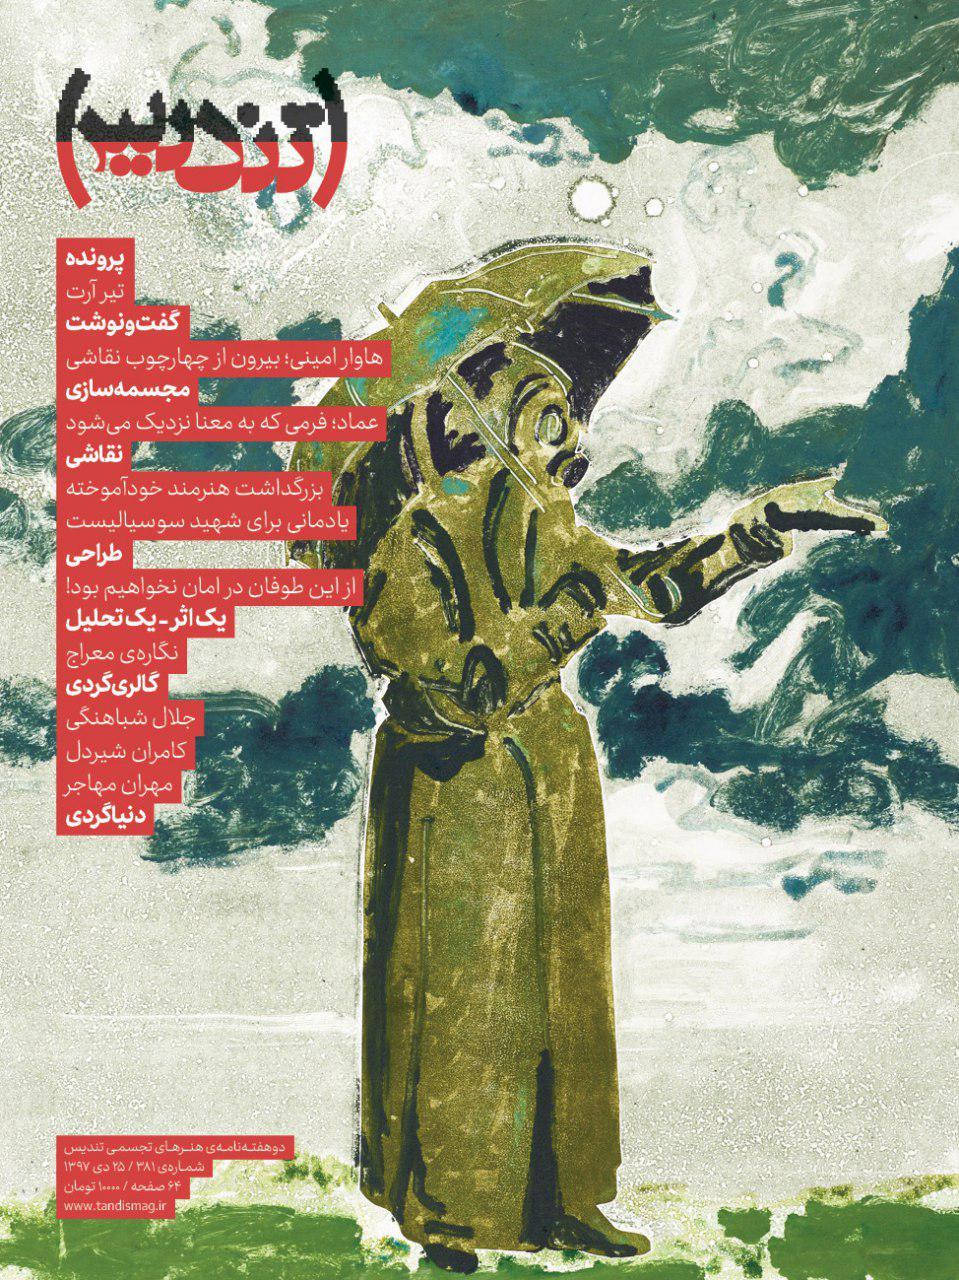 مجله تندیس شماره 381 منتشر شد